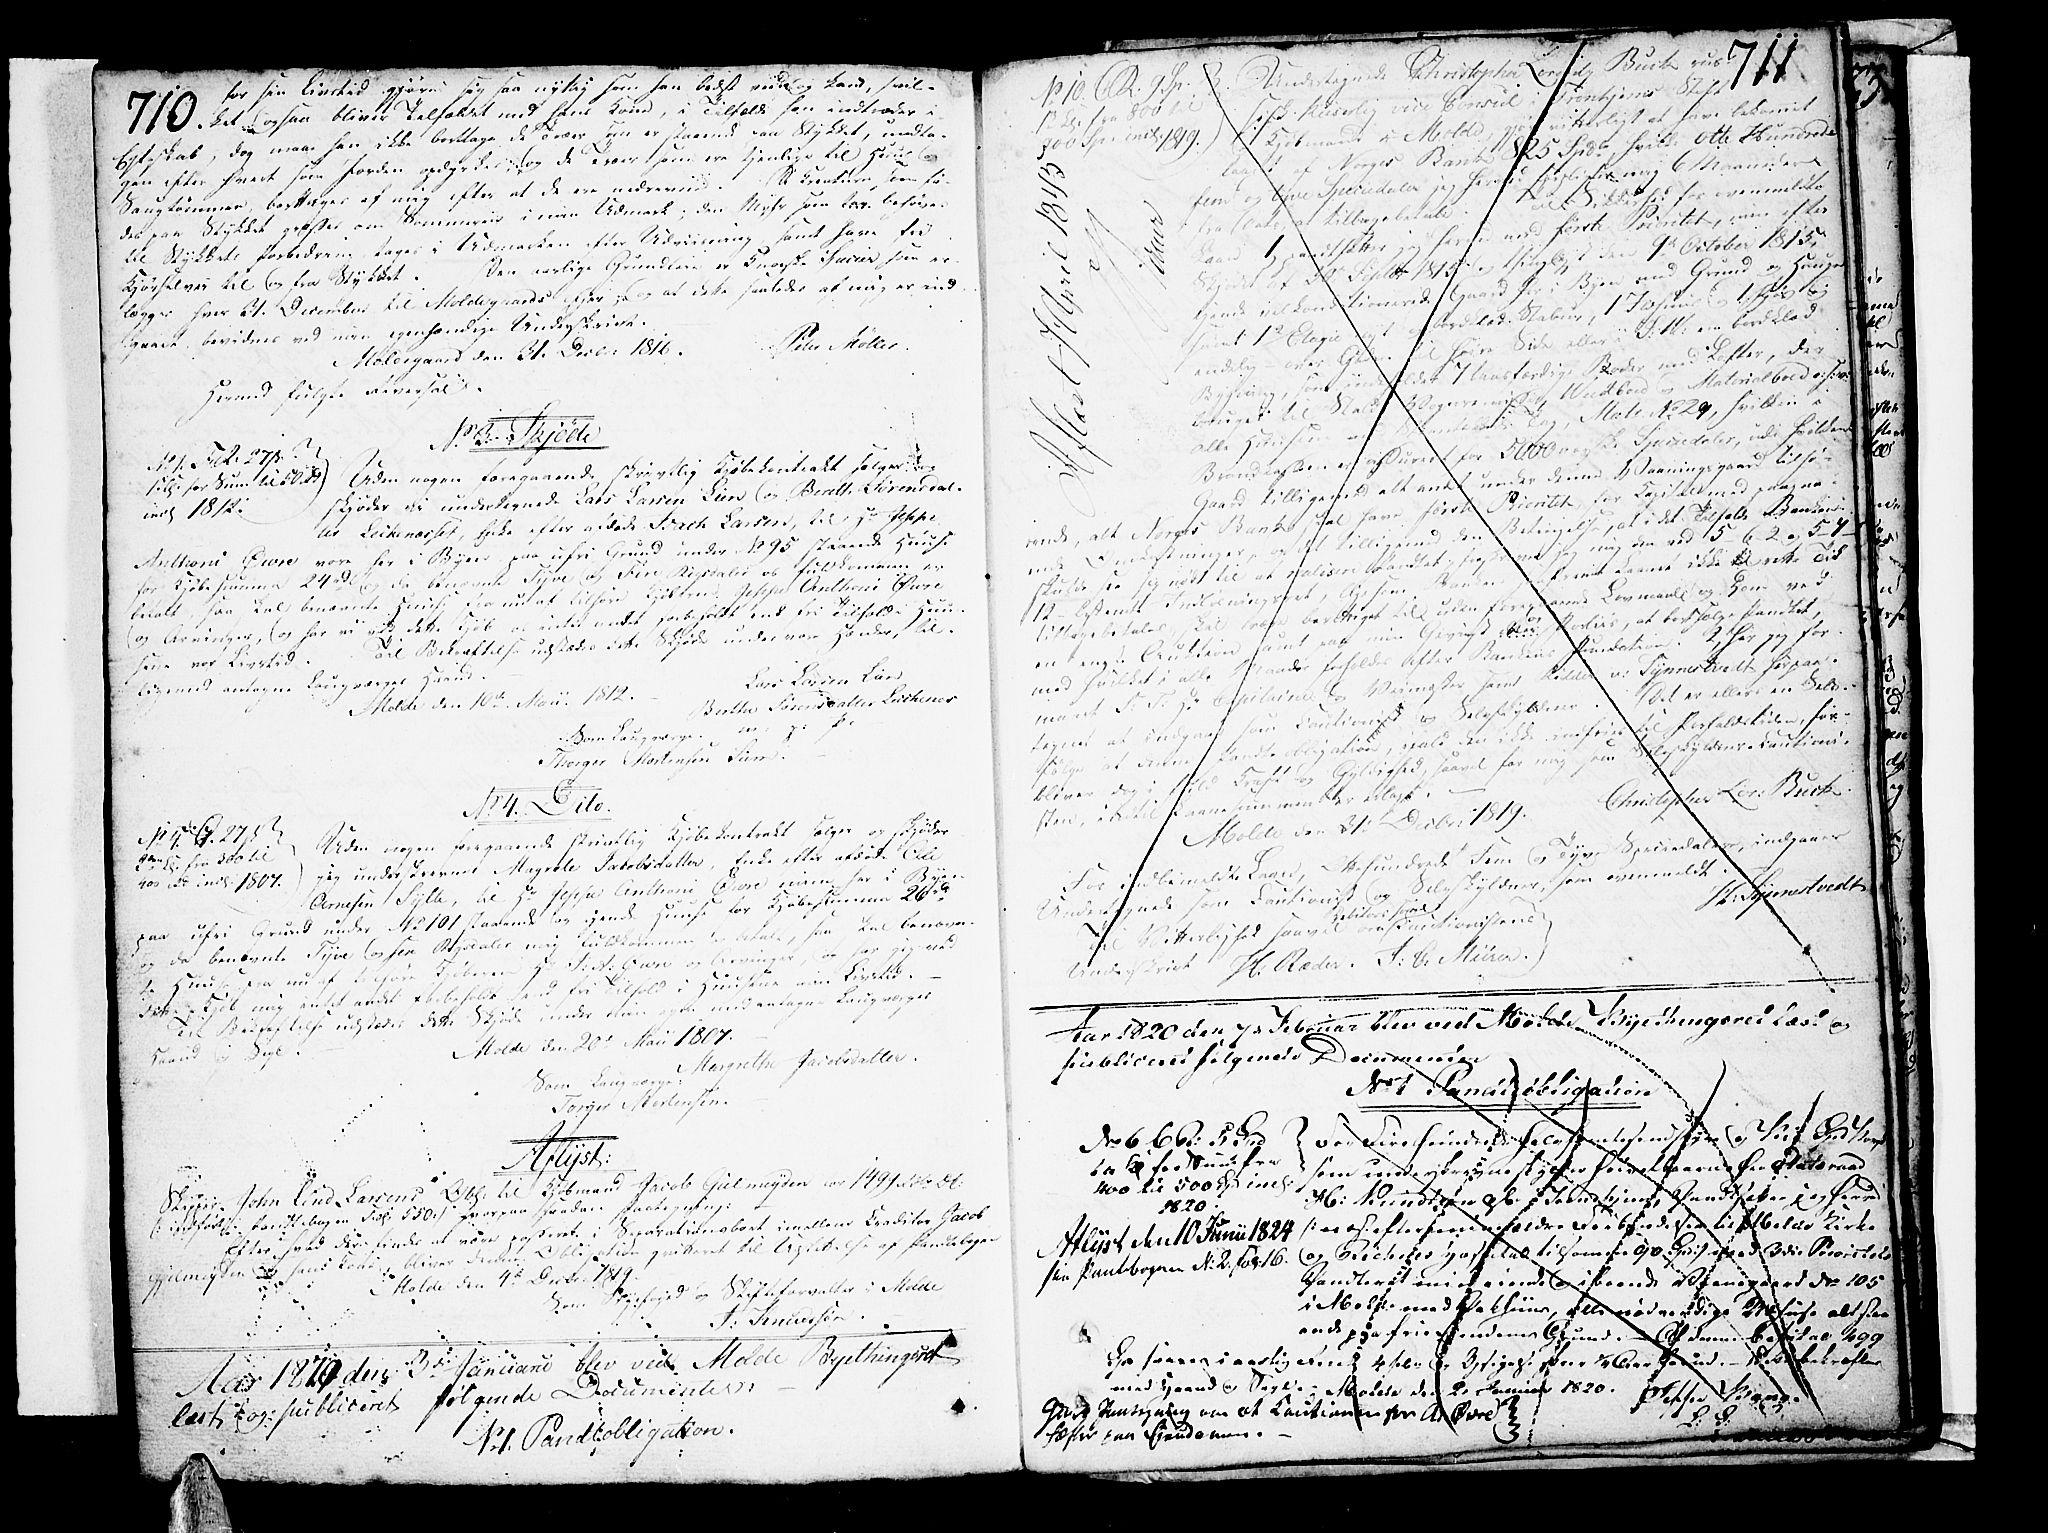 SAT, Molde byfogd, 2/2C/L0001: Pantebok nr. 1, 1748-1823, s. 710-711